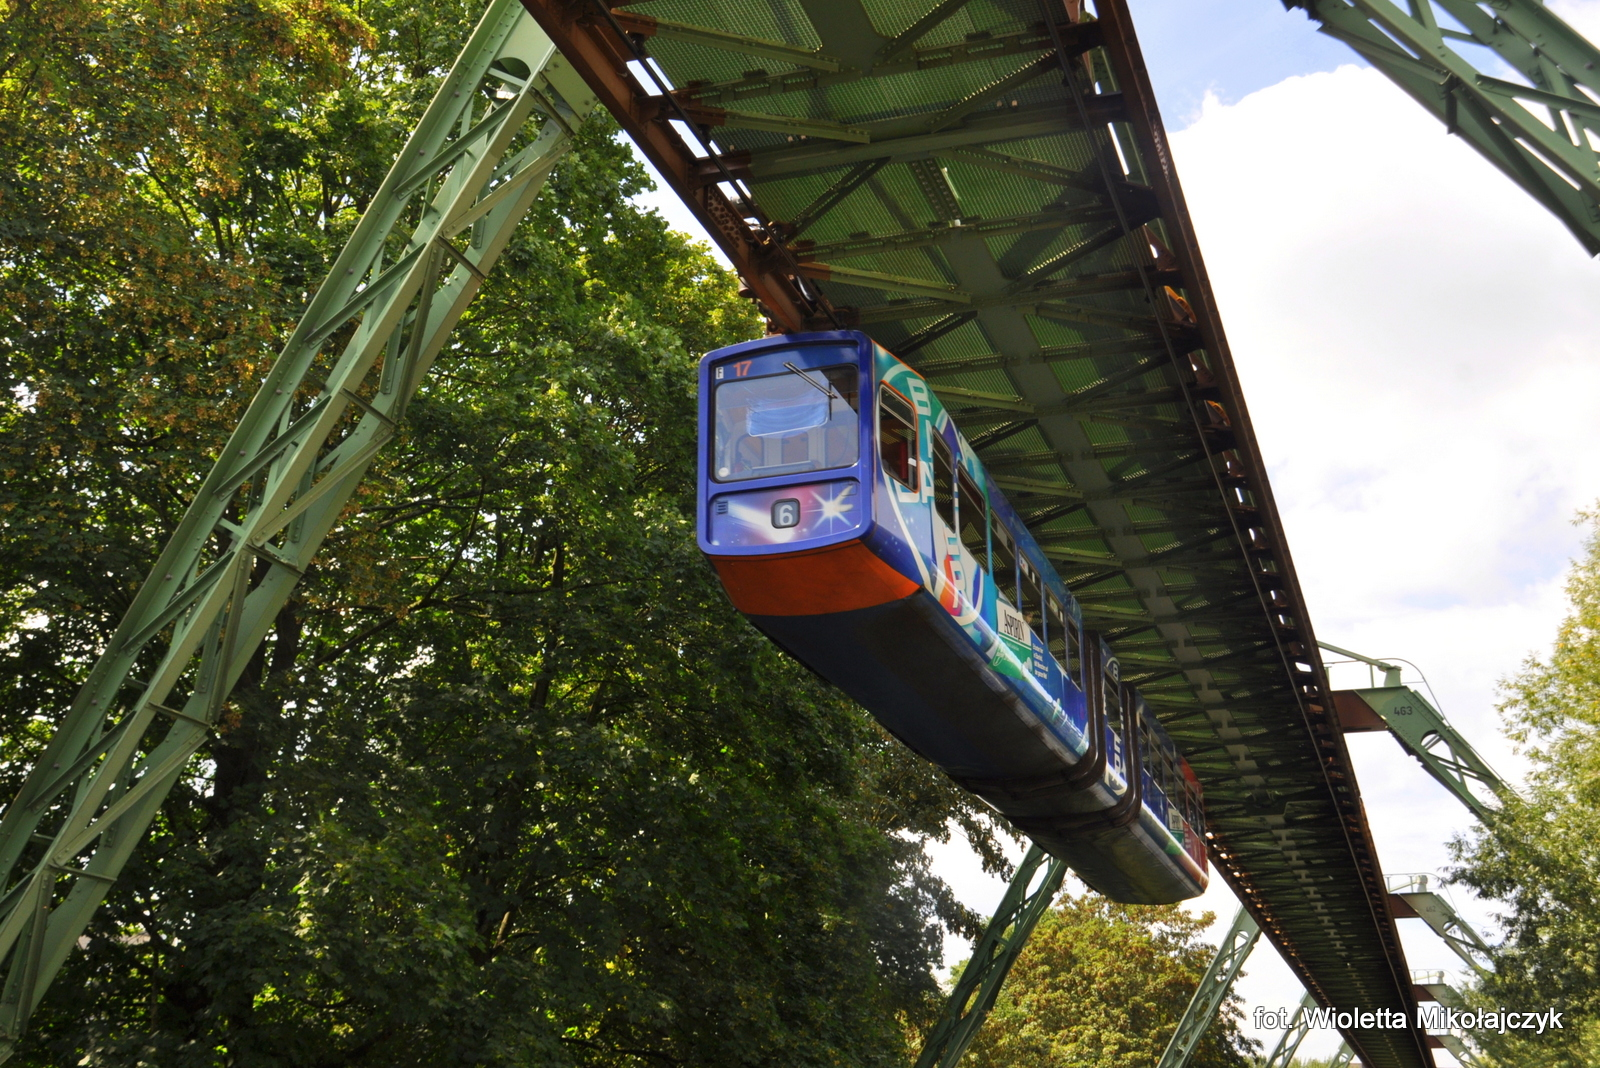 Wuppertal, Schwebebahn, kolejka podwieszana, zwiedzanie